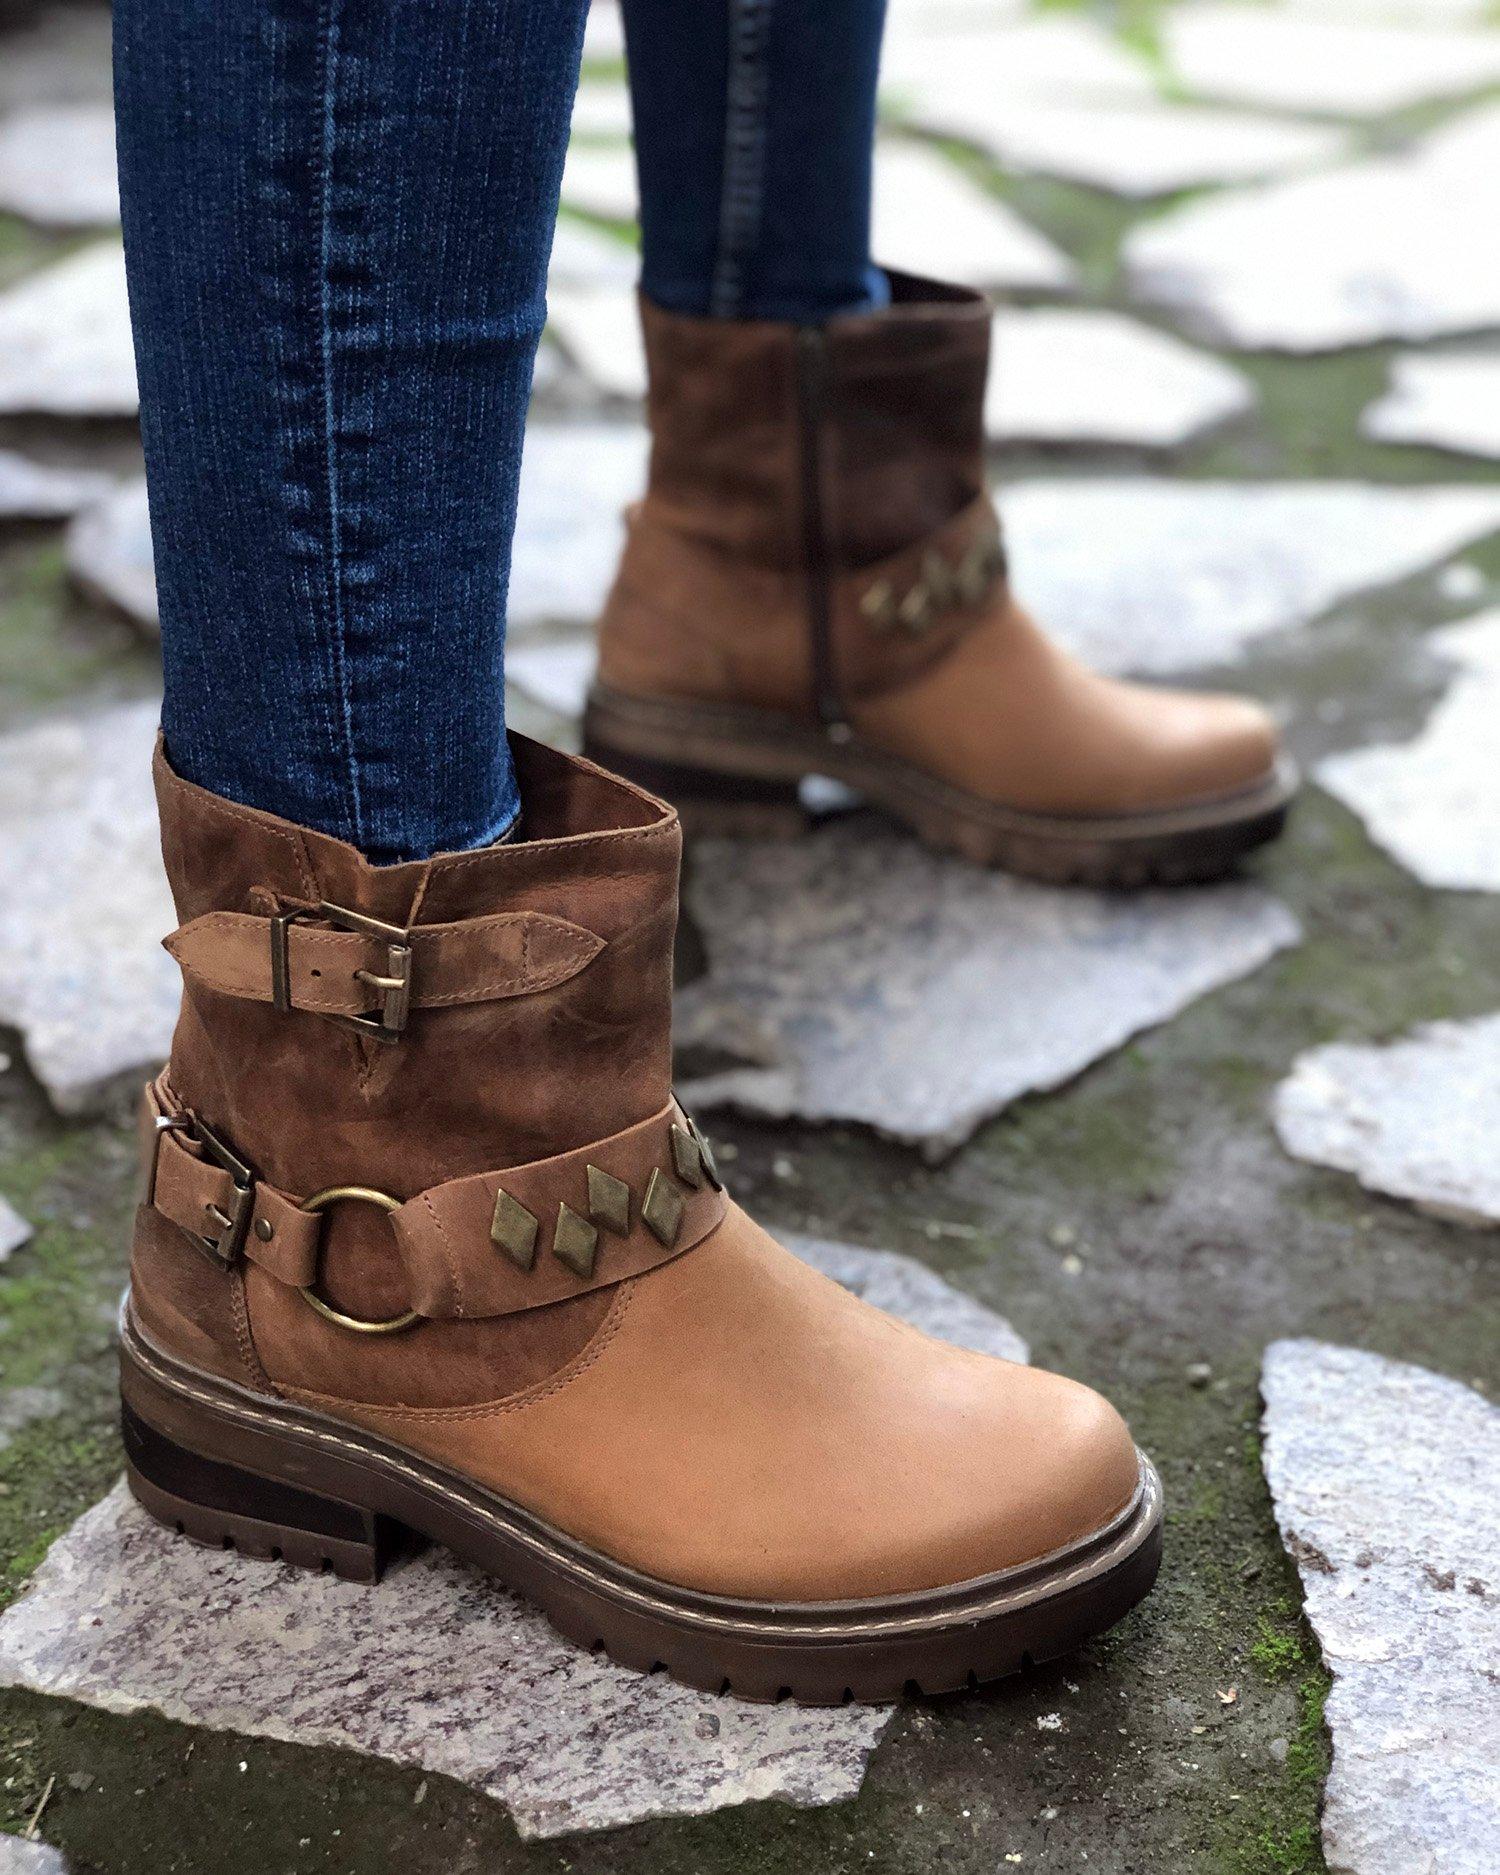 Tienda De Romano 190591 Zapatos Mujer Cafe Online KcF3Tl1J